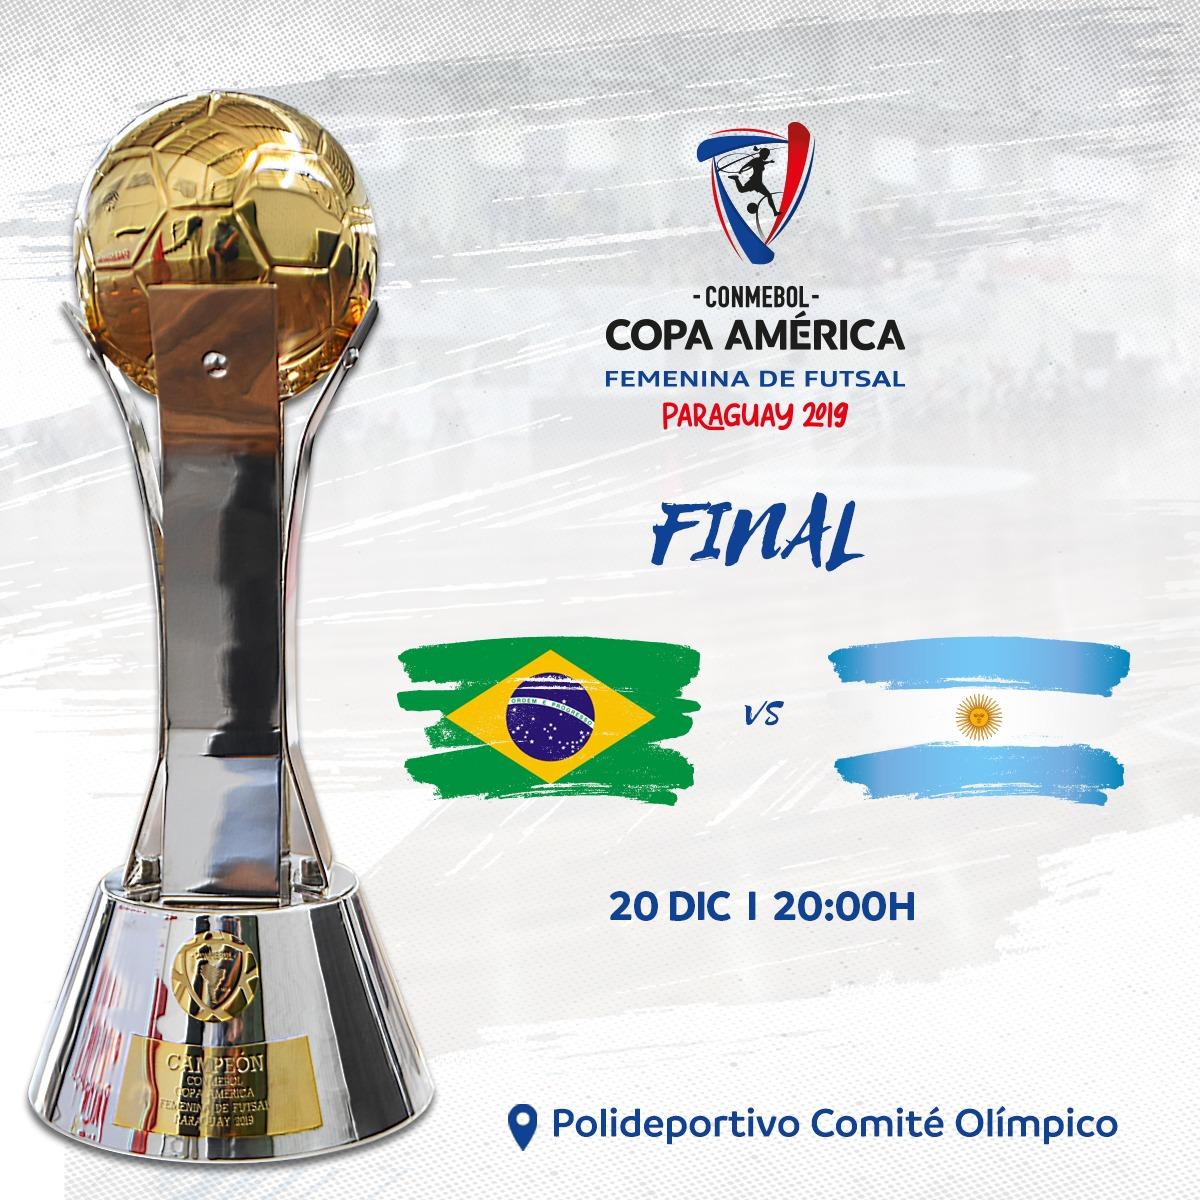 Emisión en Directo del Fútbol Sala Femenino: Final de la Copa América 2019 de Fútbol Sala Femenino